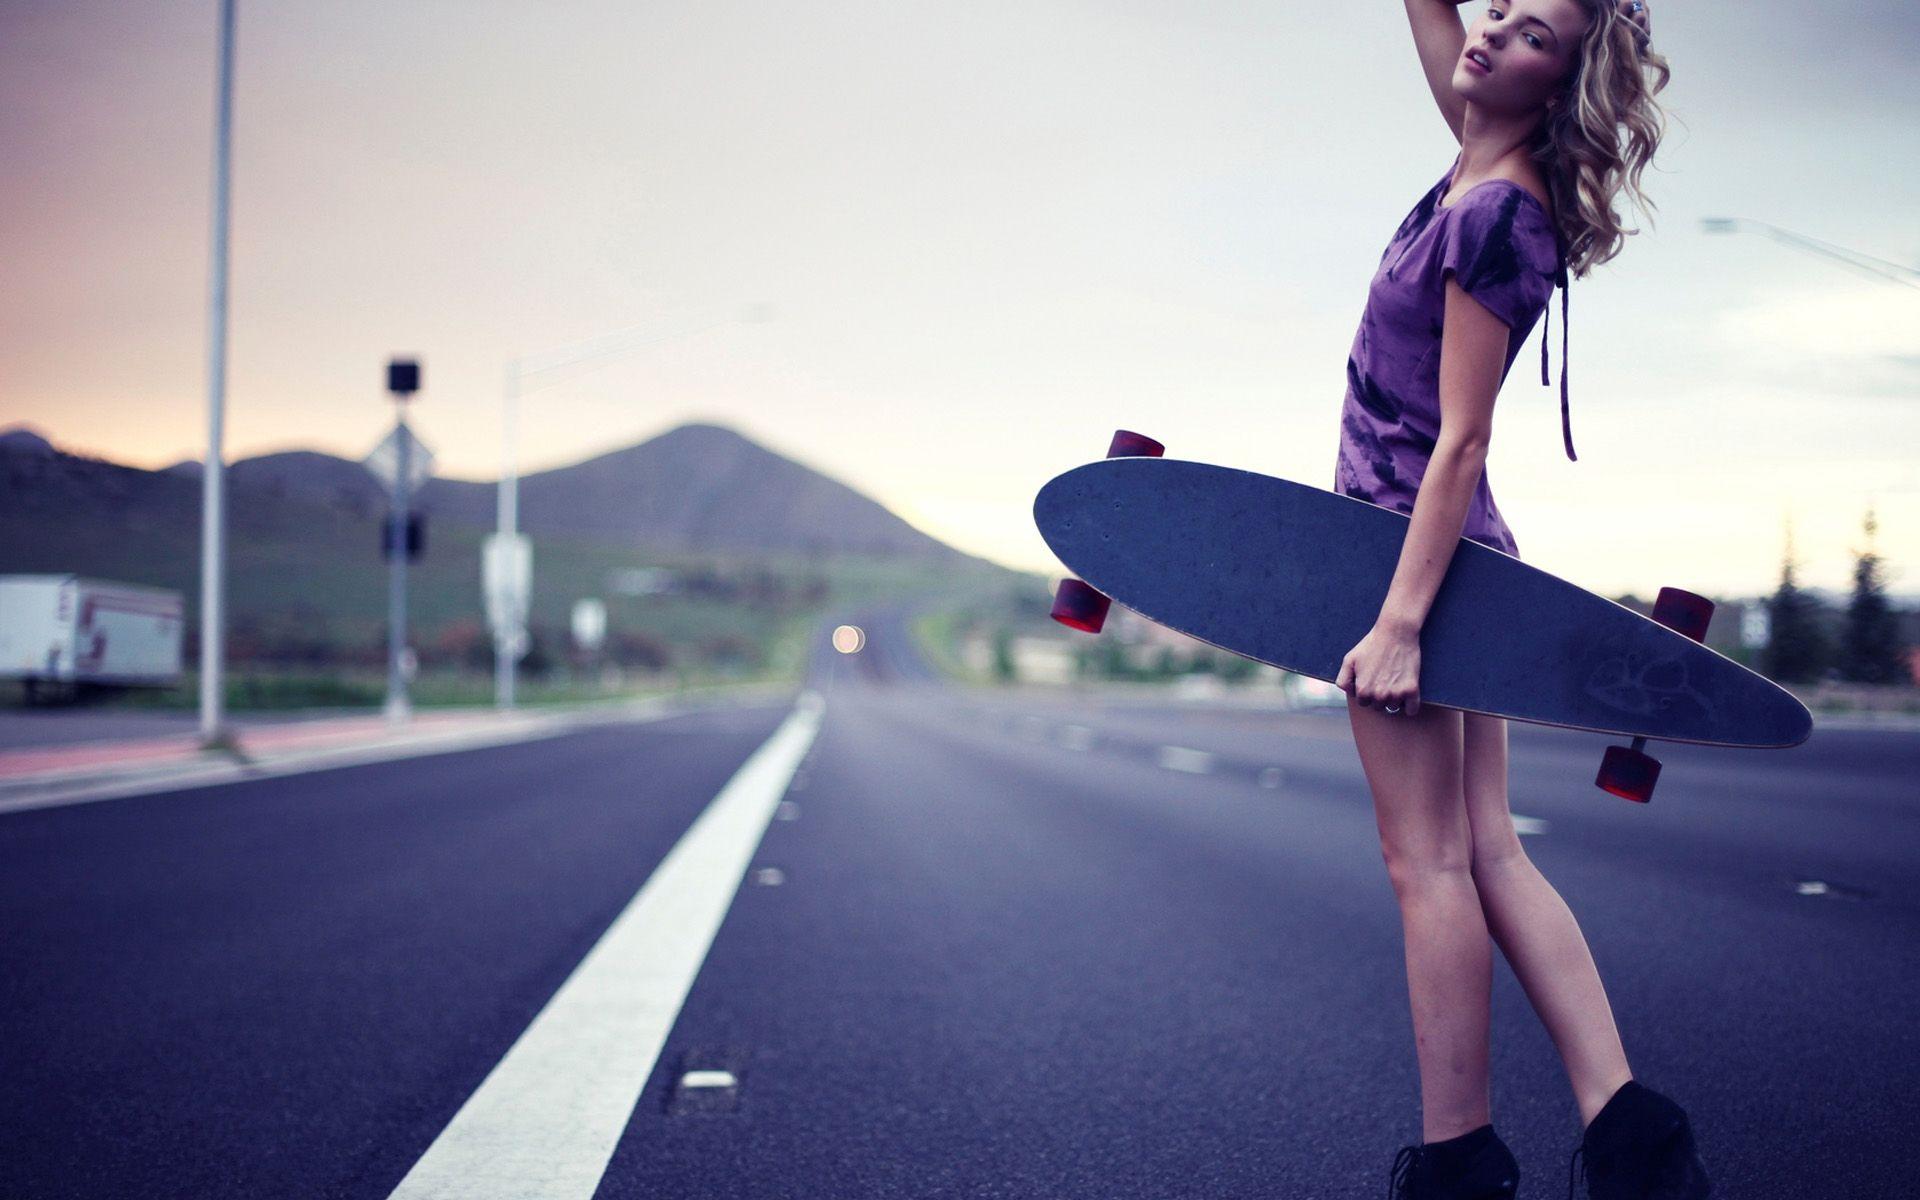 Skateboard · Skateboarding Hot Girl Wallpaper